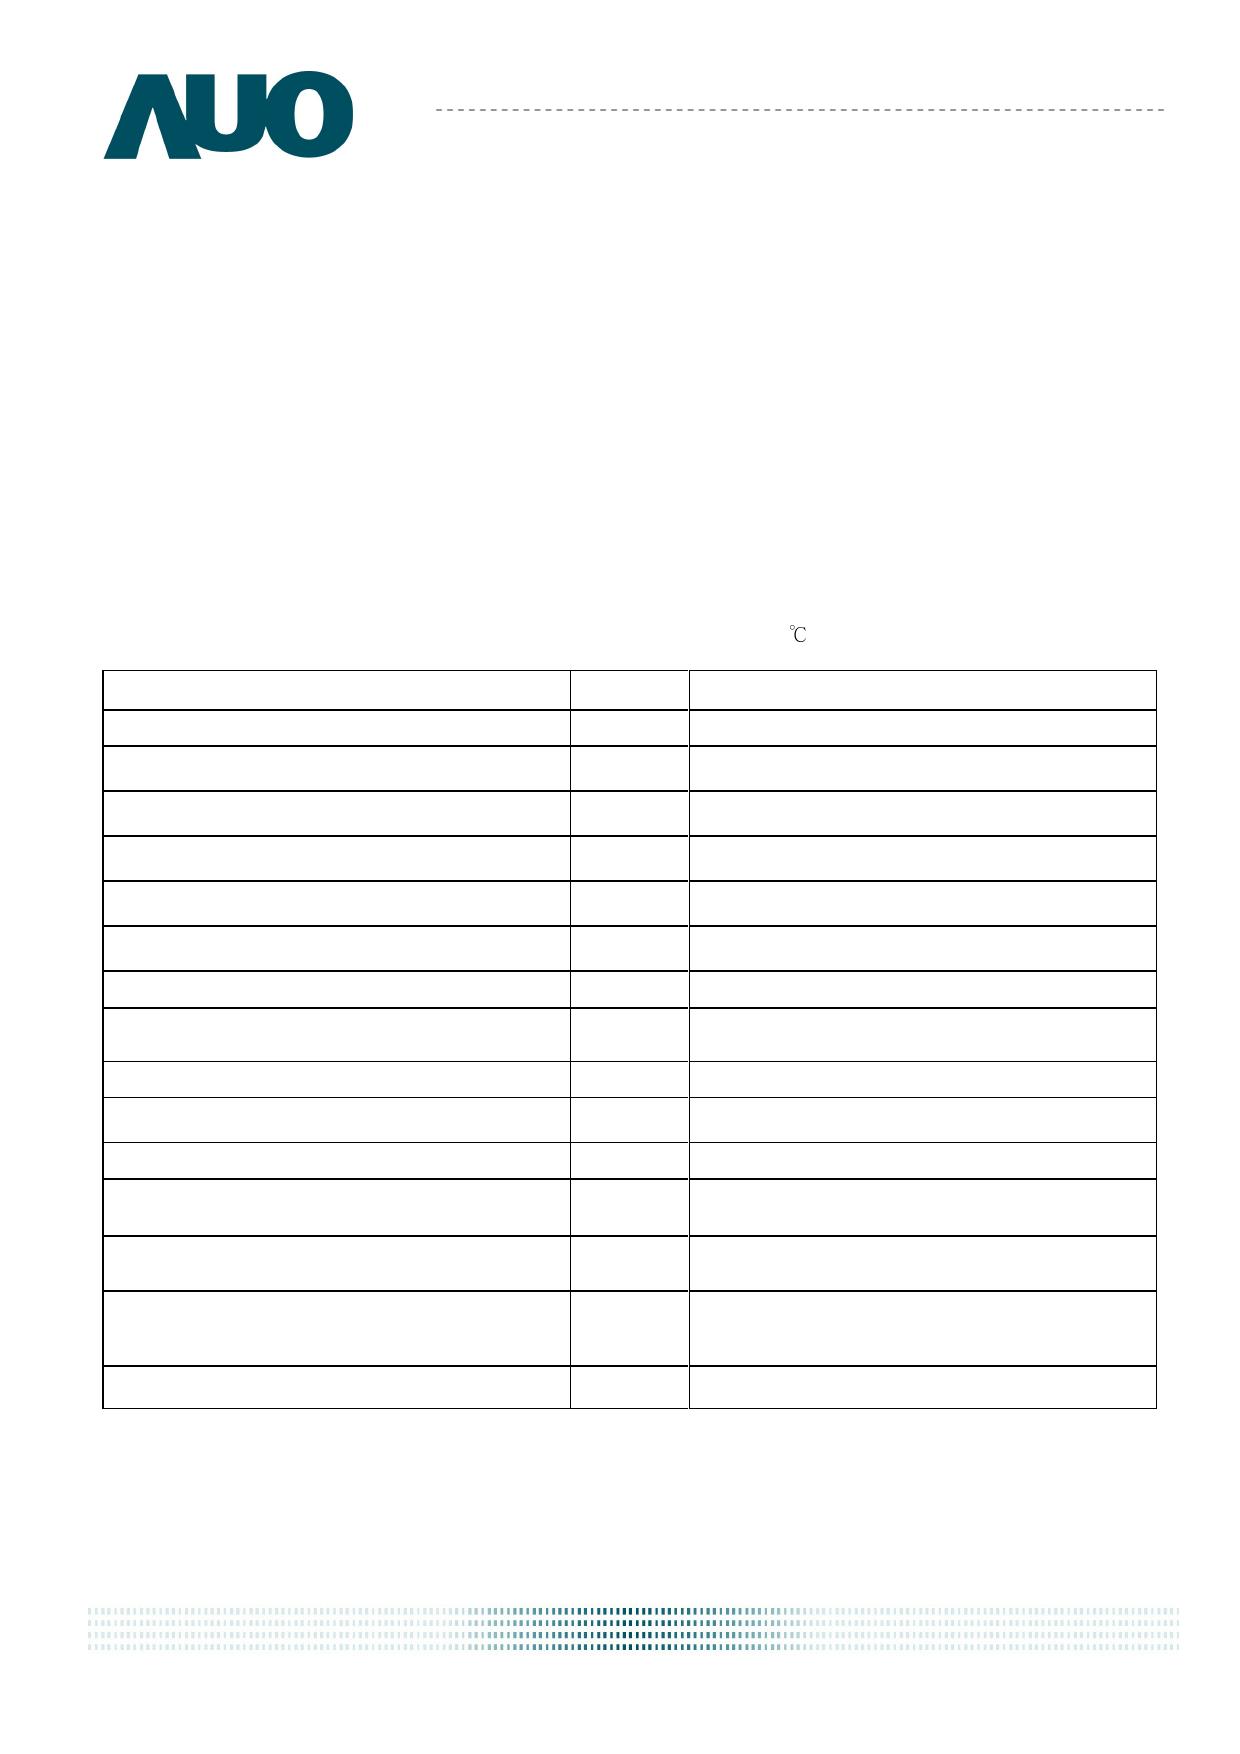 G070VW01-V1 pdf